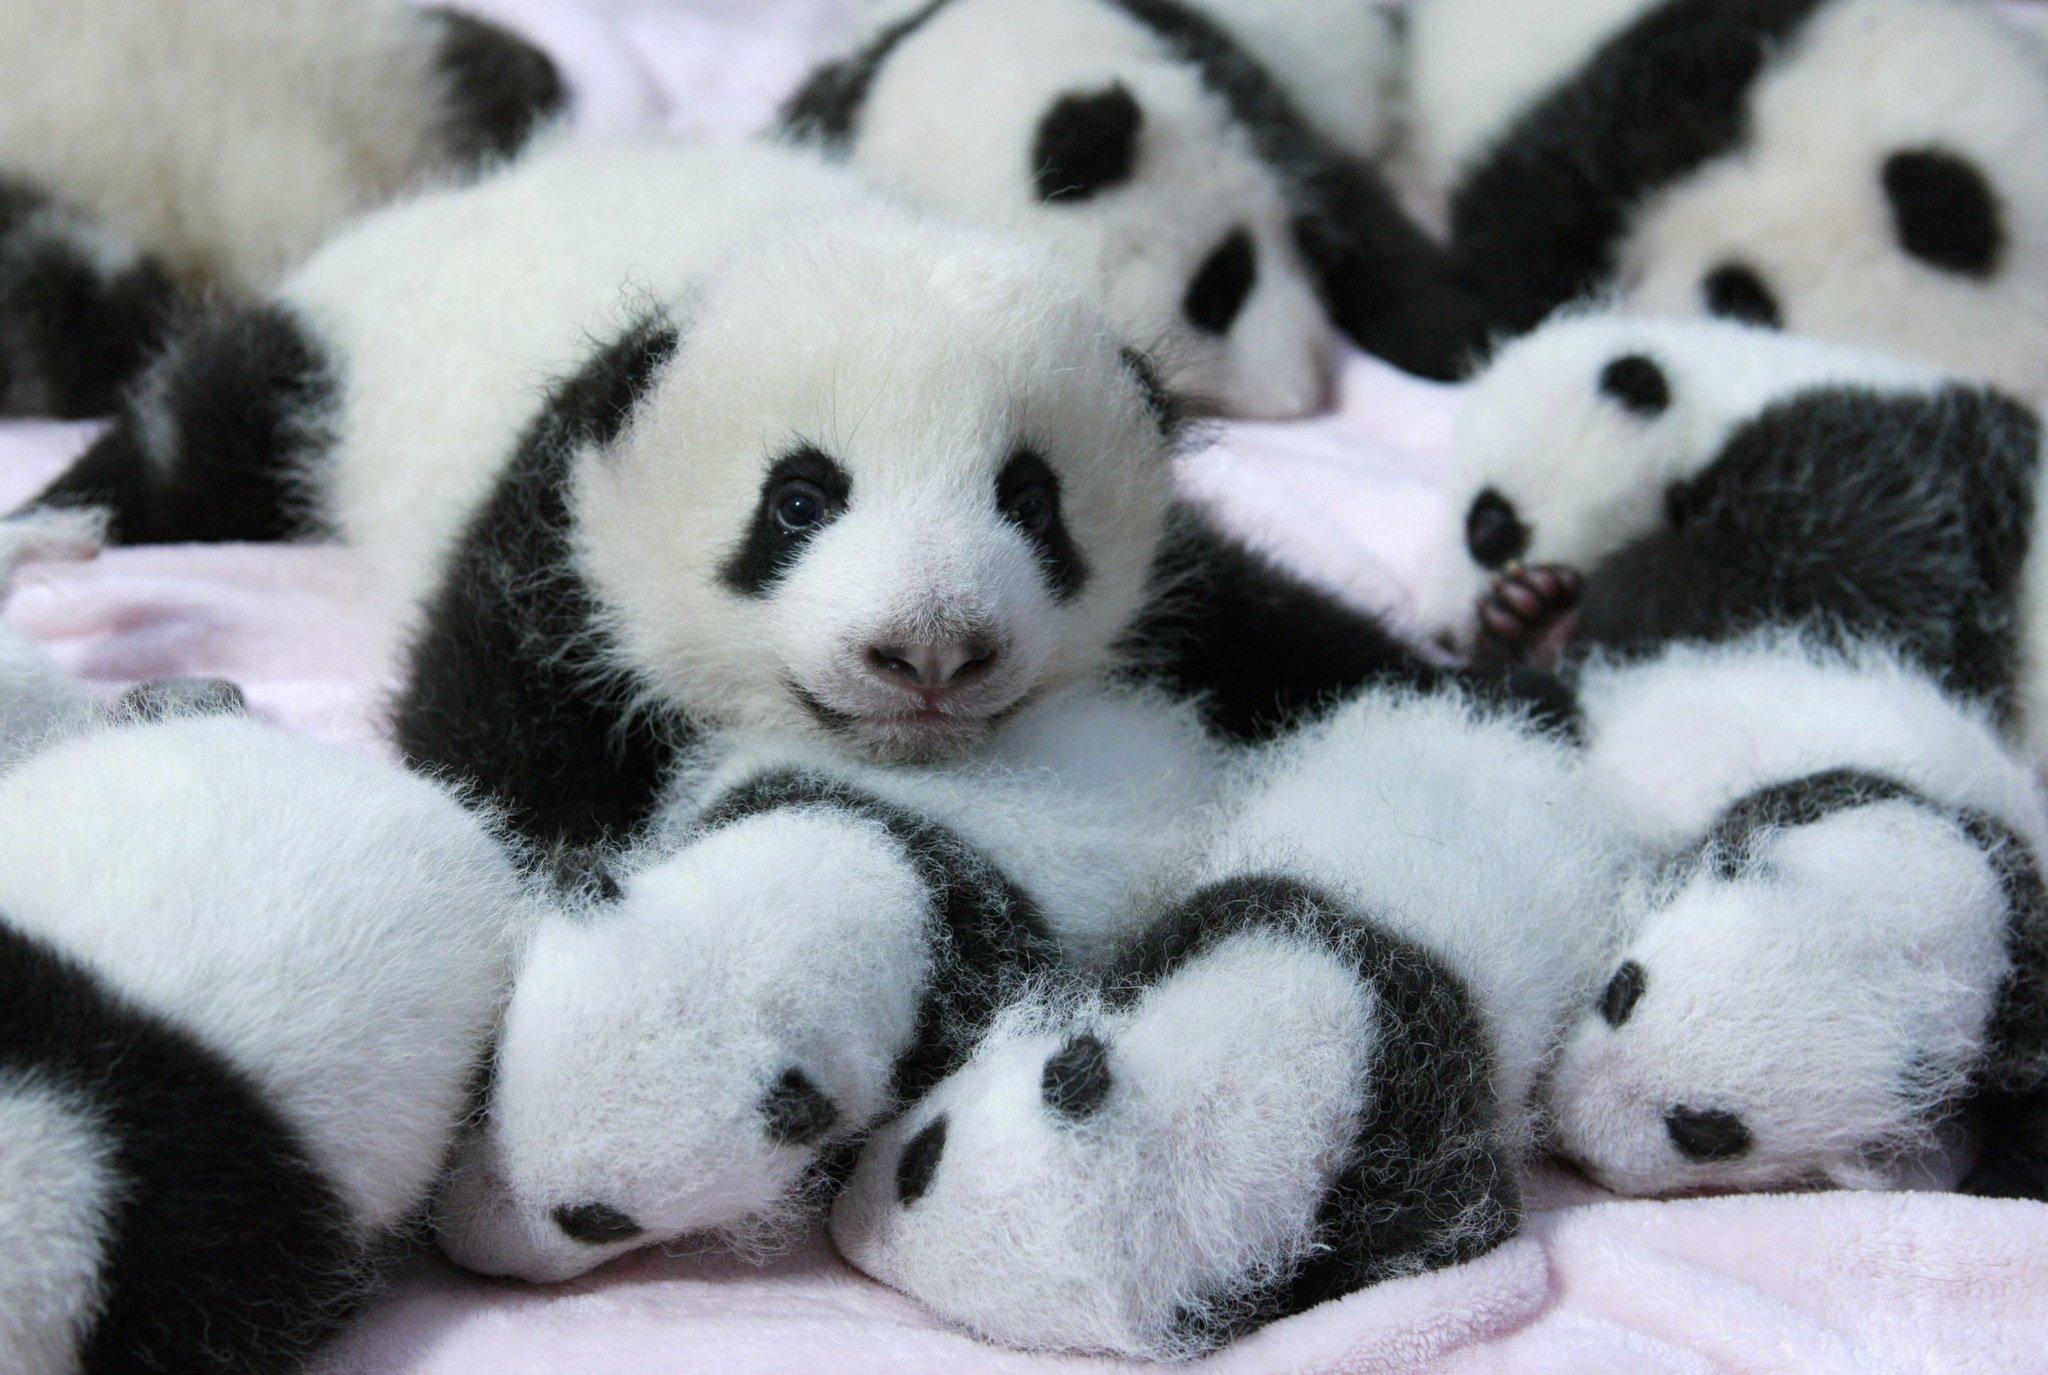 Panda pandas baer bears baby cute 30 wallpaper 2048x1375 364459 2048x1375